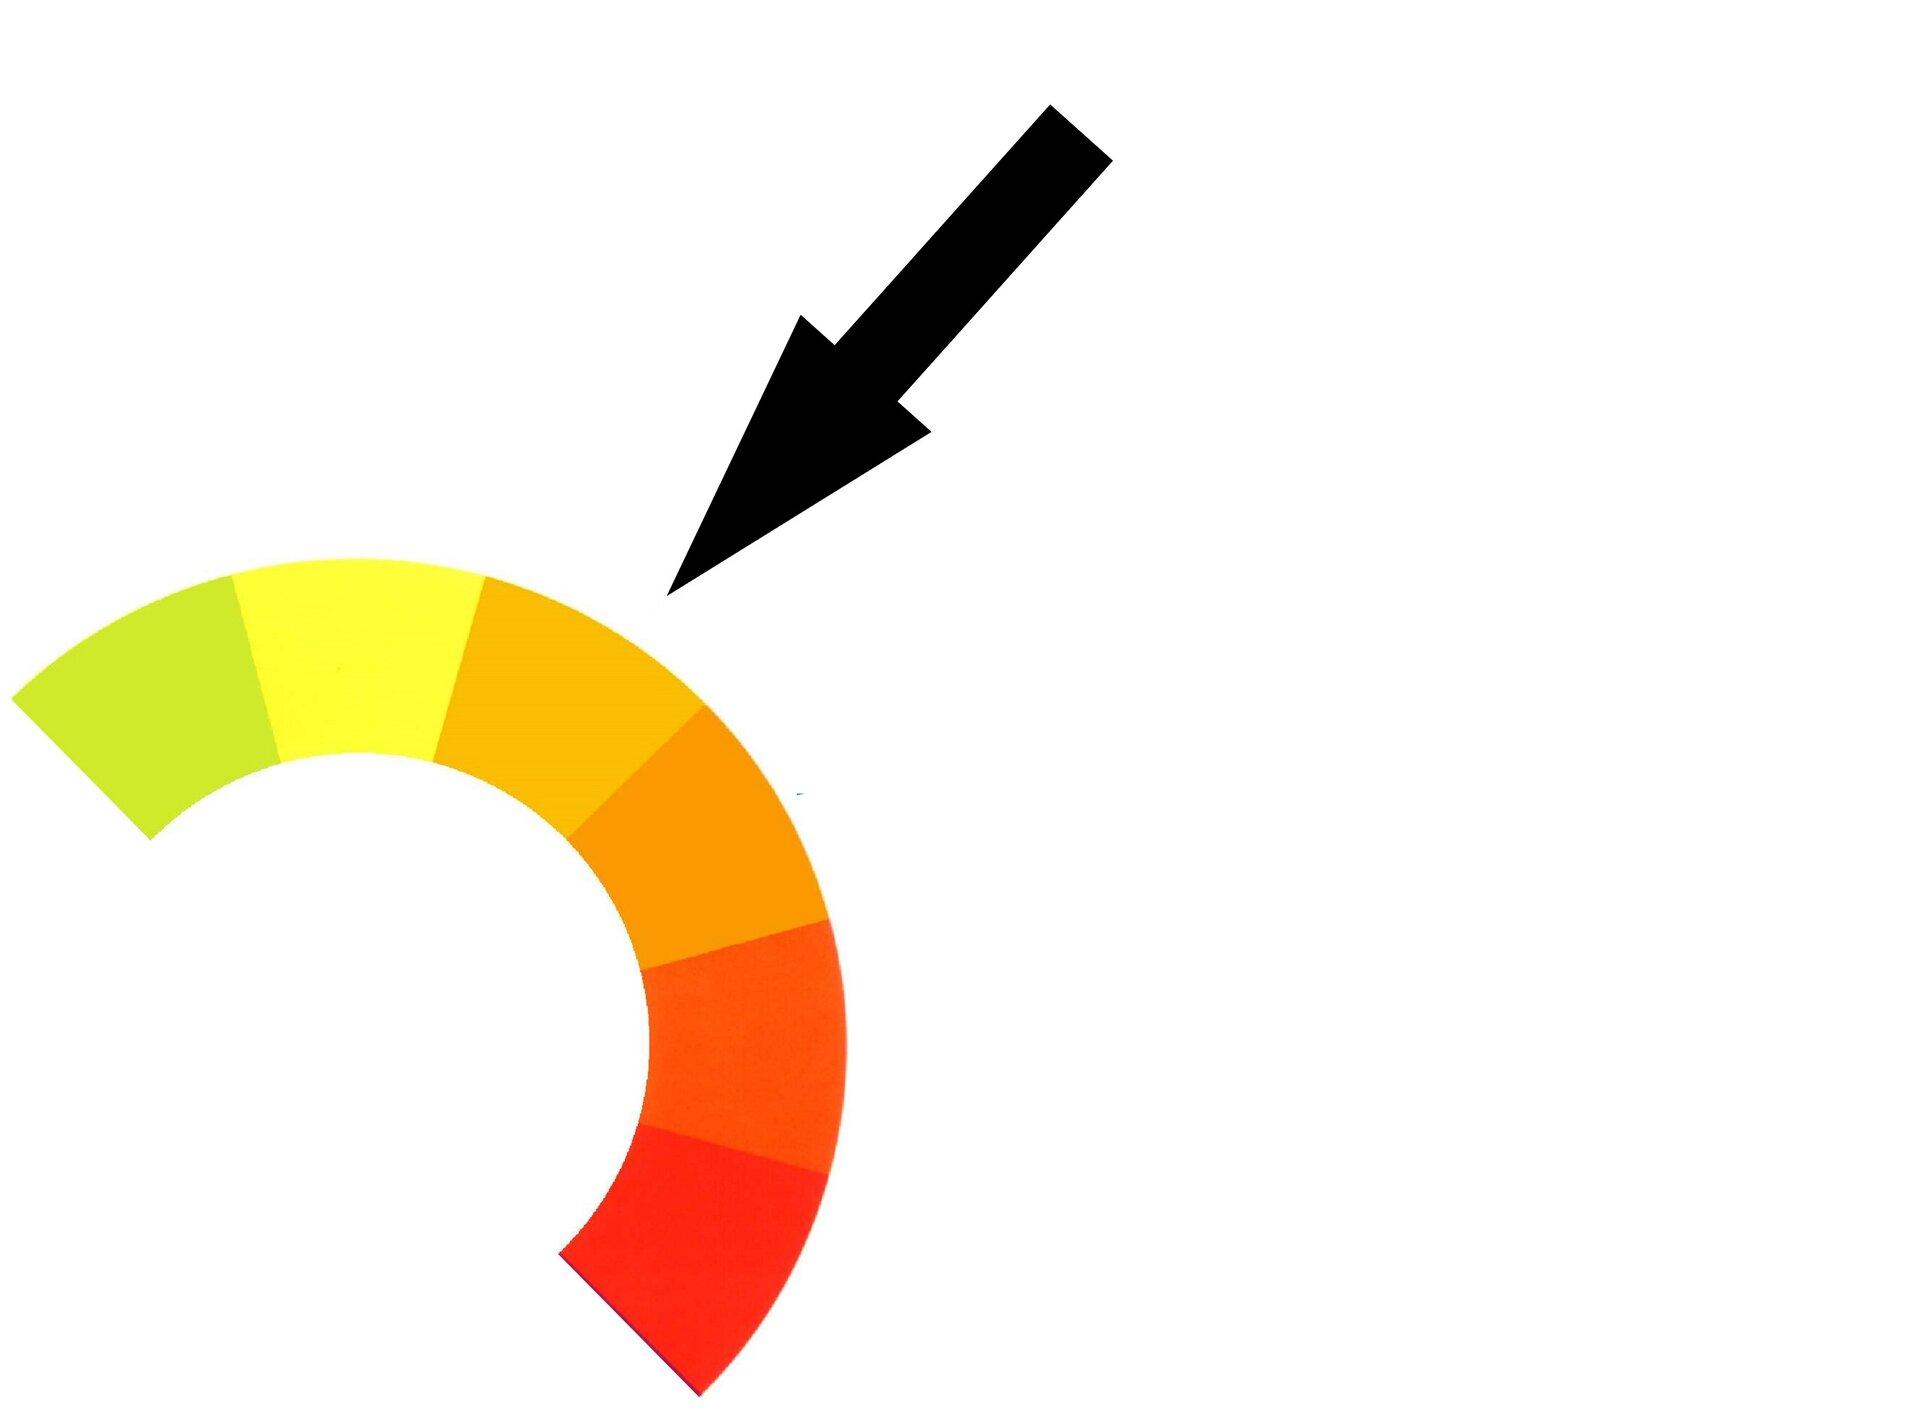 Ilustracja przedstawia fragment koła barw (barwy ciepłe) oraz strzałkę wskazującą pomarańcz.